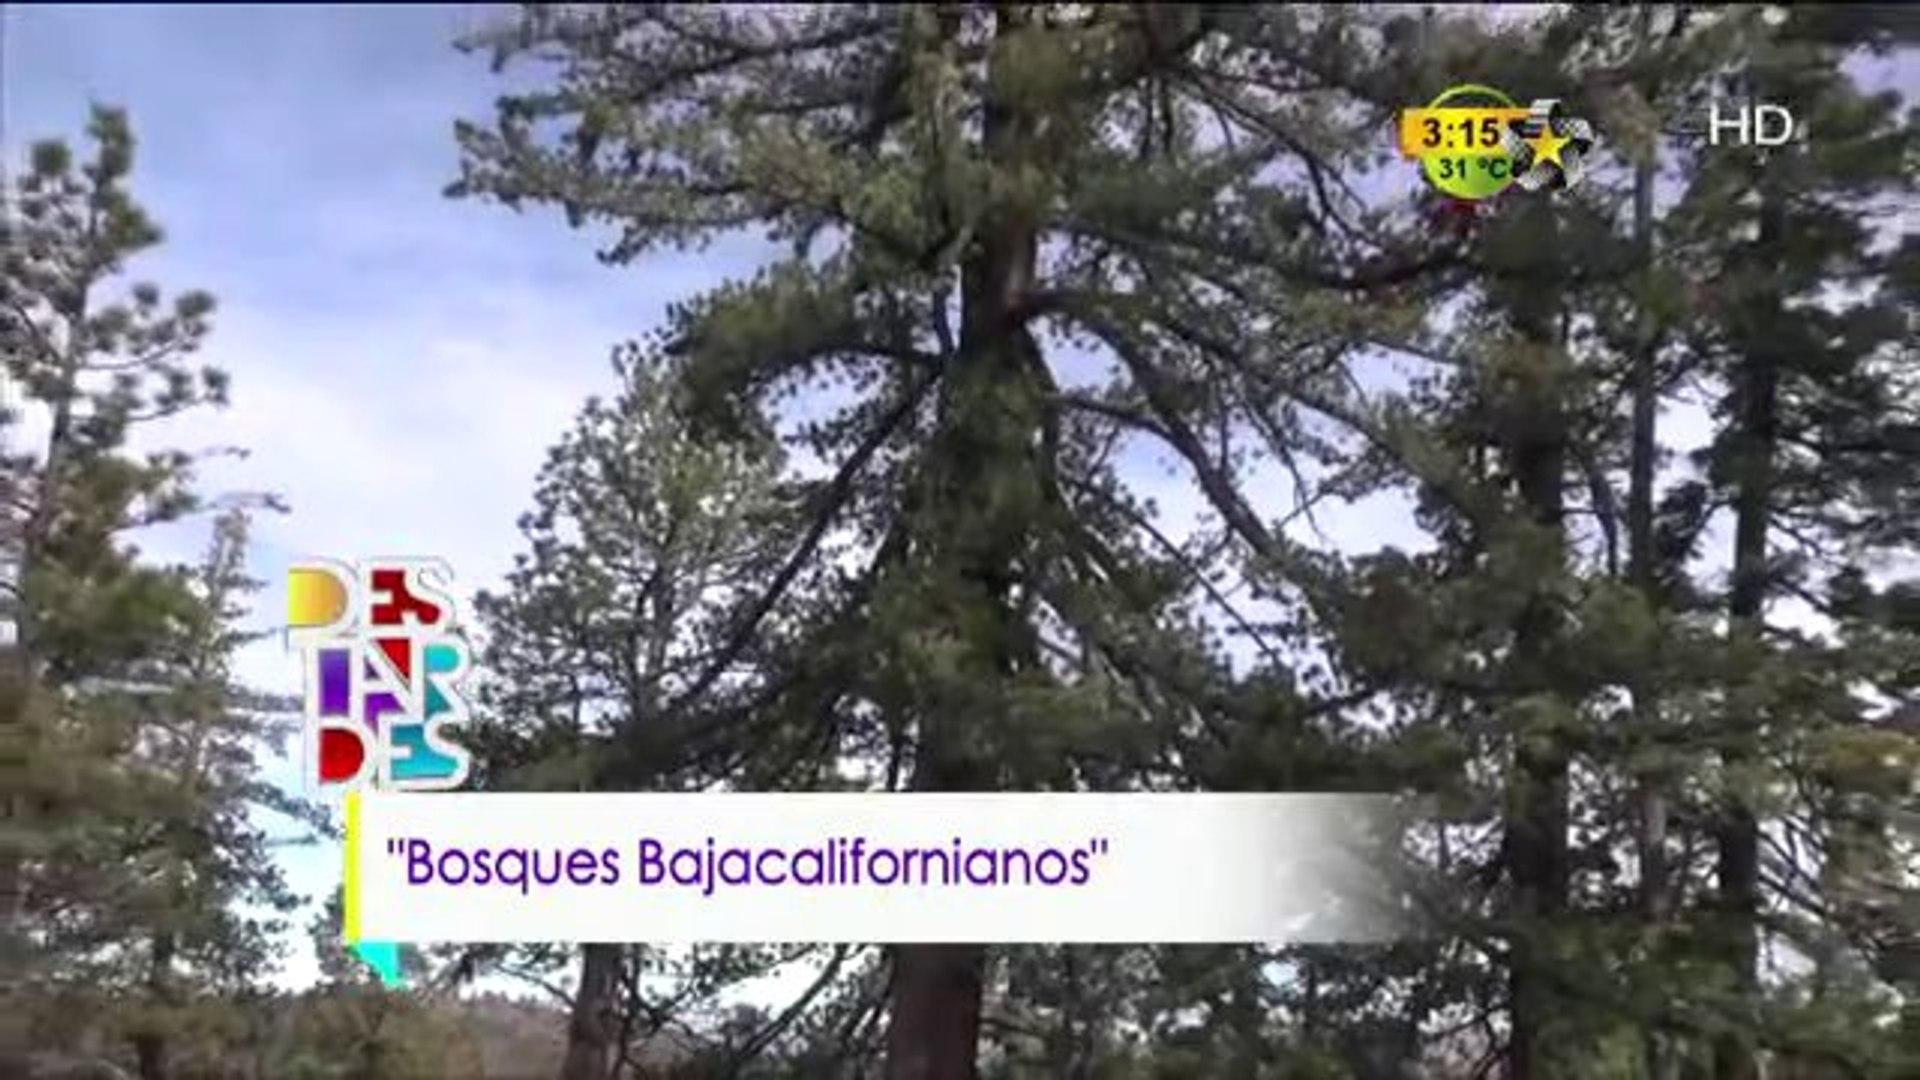 Conexión Jr (Bosques Bajacalifornianos)